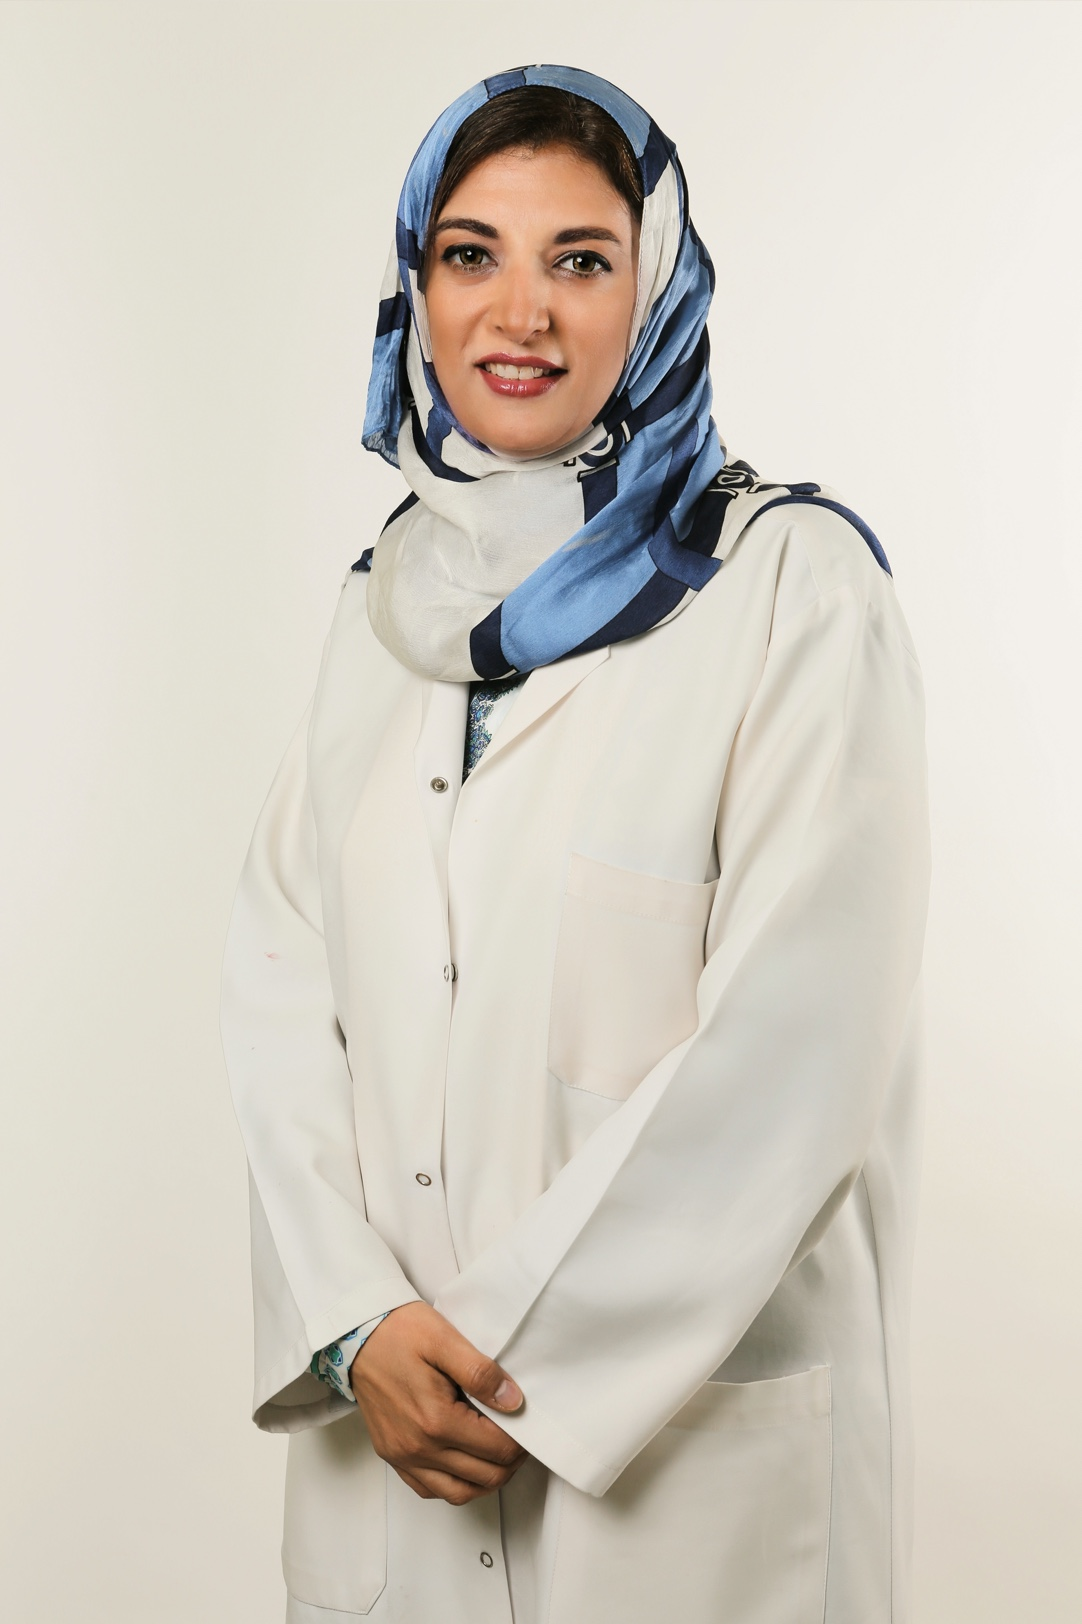 د. شيرين أبو العز